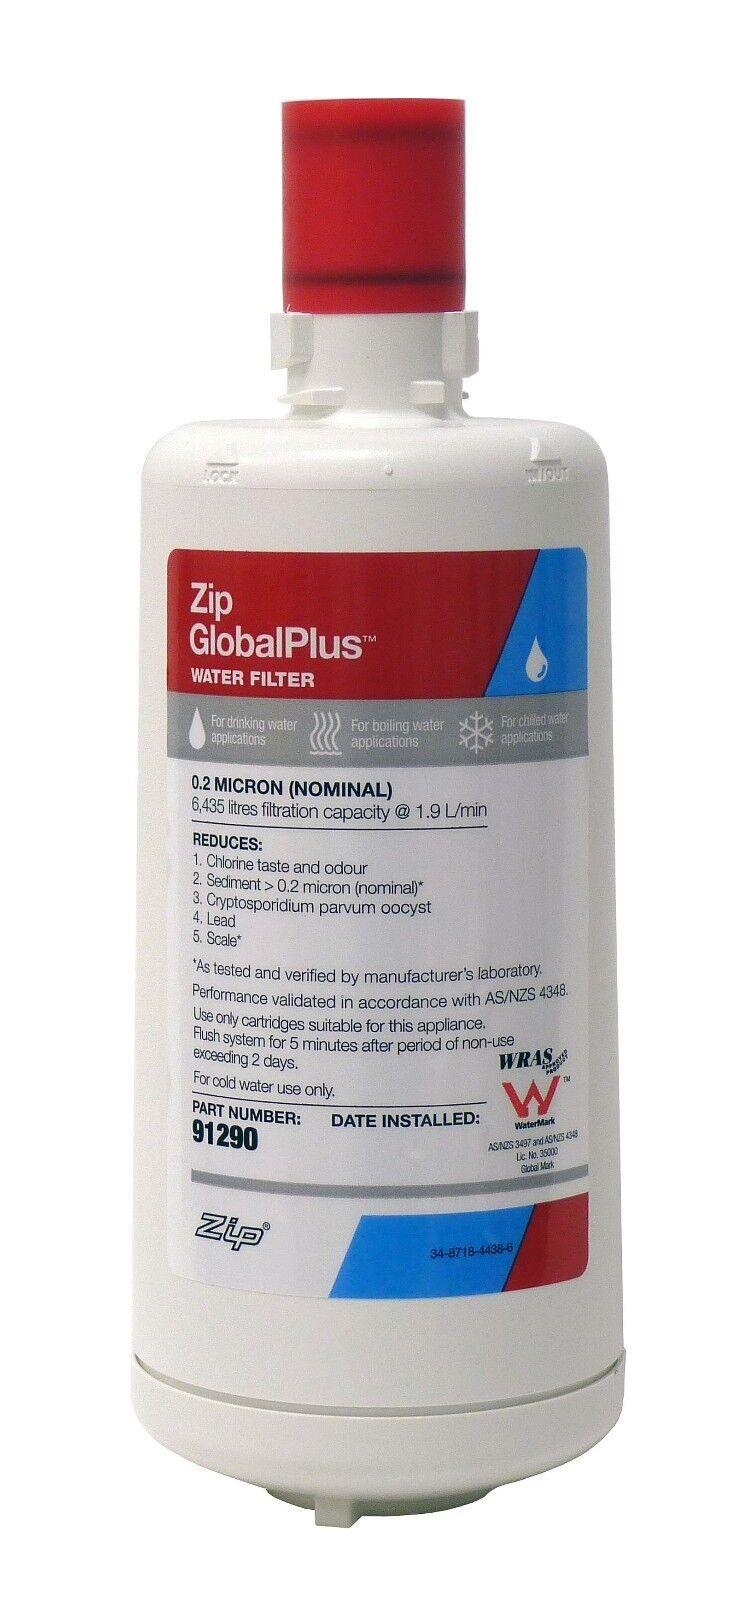 Zip hydrougeap 91290 Global plus Origine Remplacement Eau Purifi Cartouche de filtre